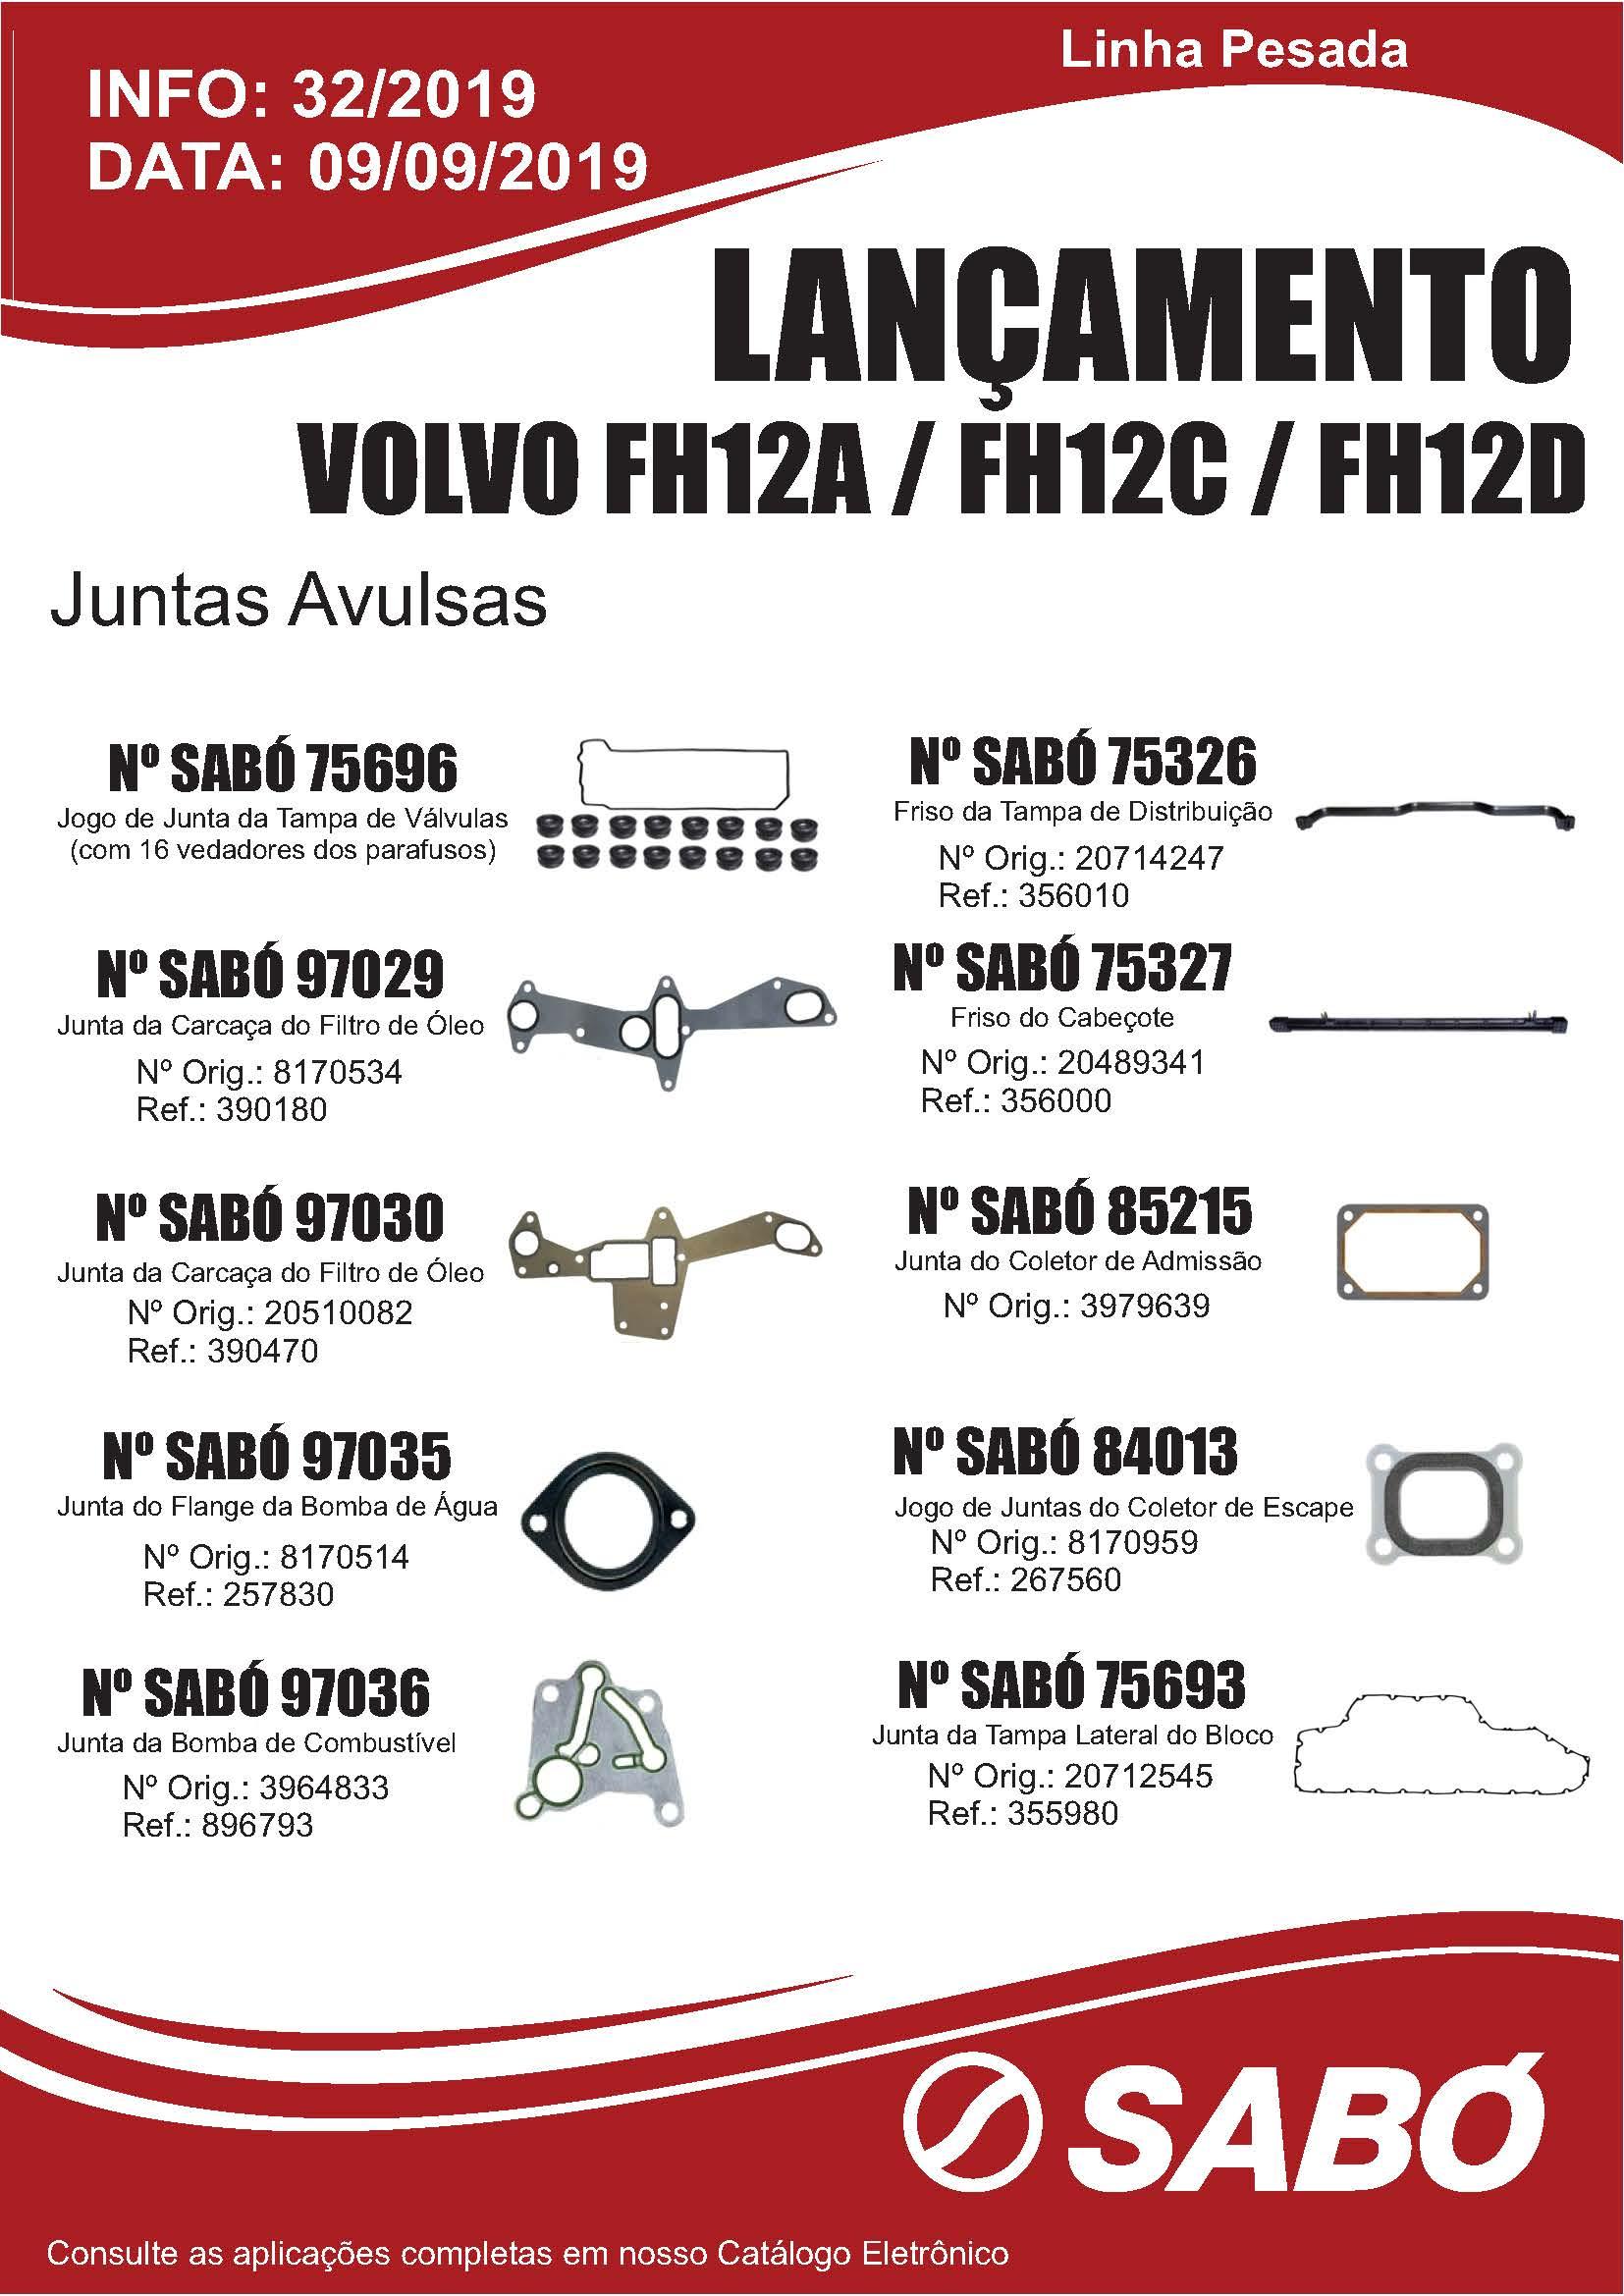 Info 032 - Lancamento Juntas Avulsas Volvo